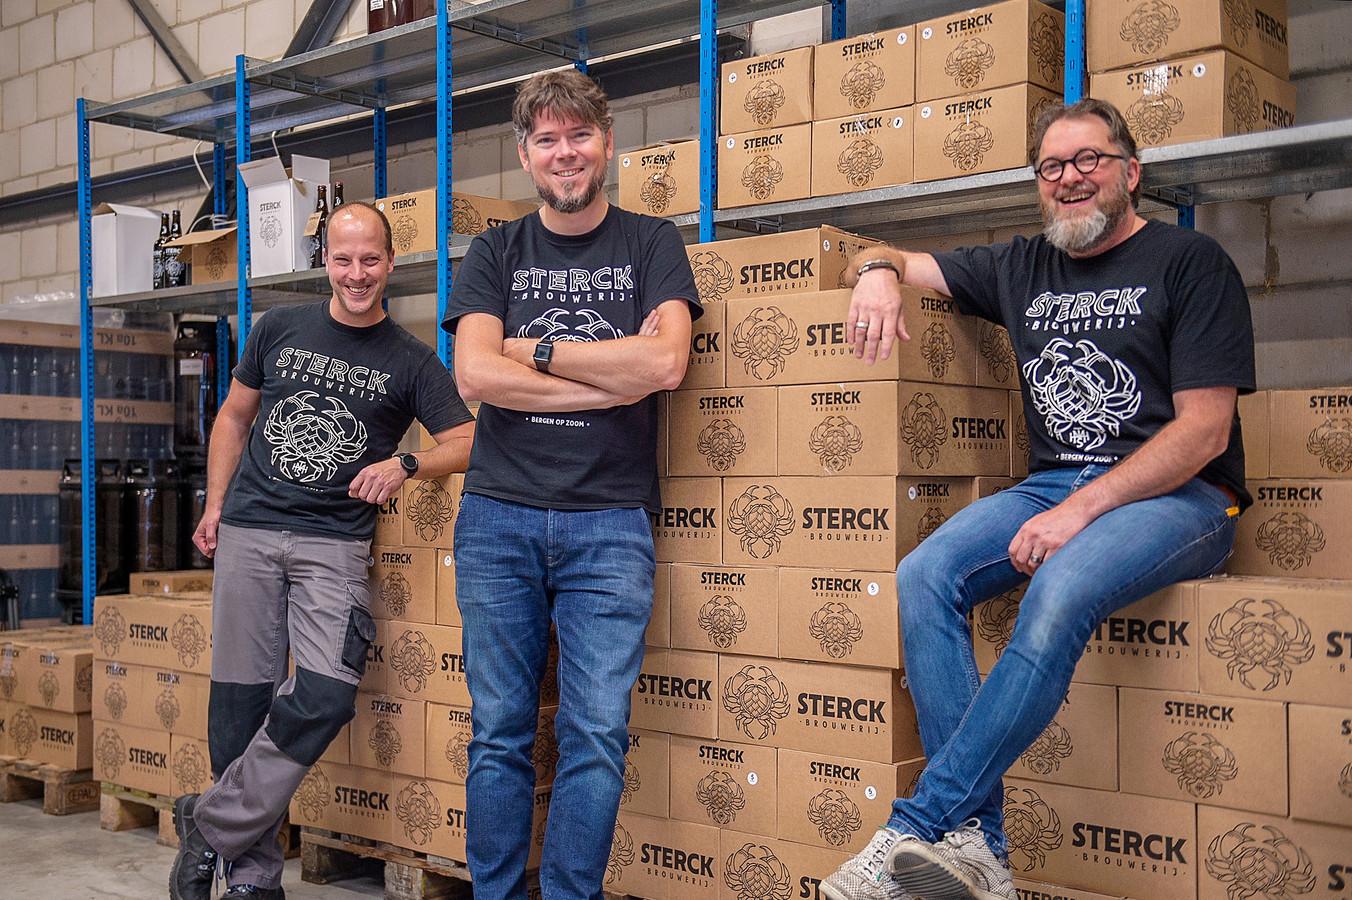 Bierbrouwers Joris Stoop, Maarten Touw en Bertram van Beers zijn de mannen achter Sterck, het Bergse biertje.